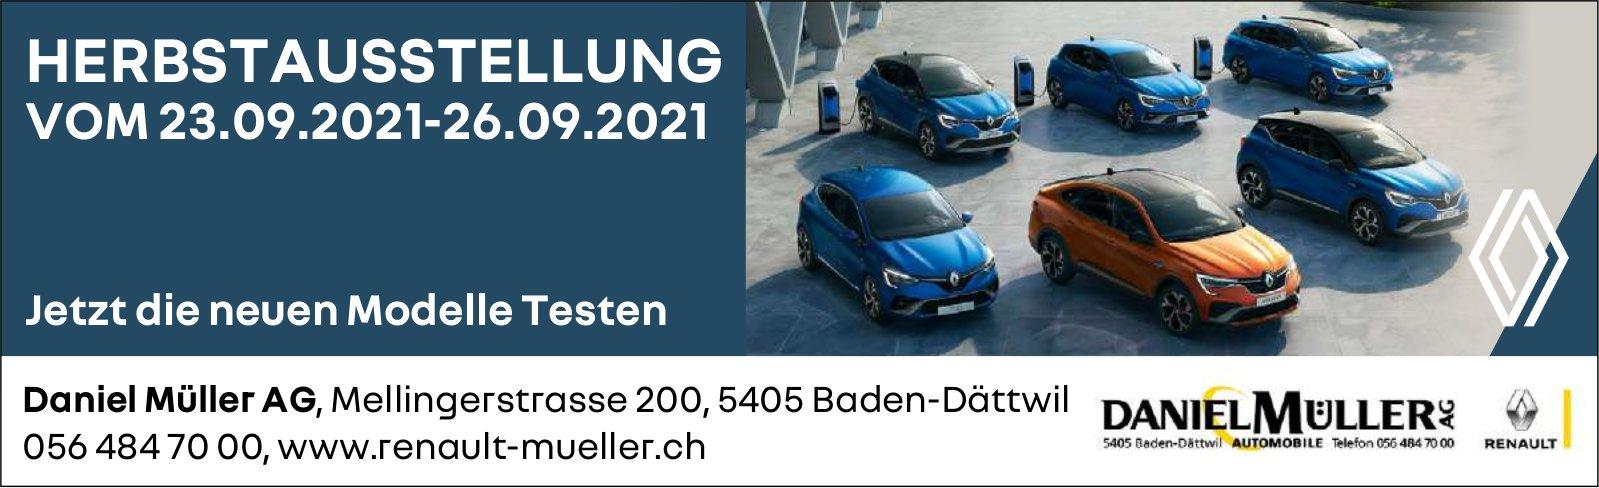 Herbstausstellung, 23. September, Daniel Müller AG, Baden-Dättwil